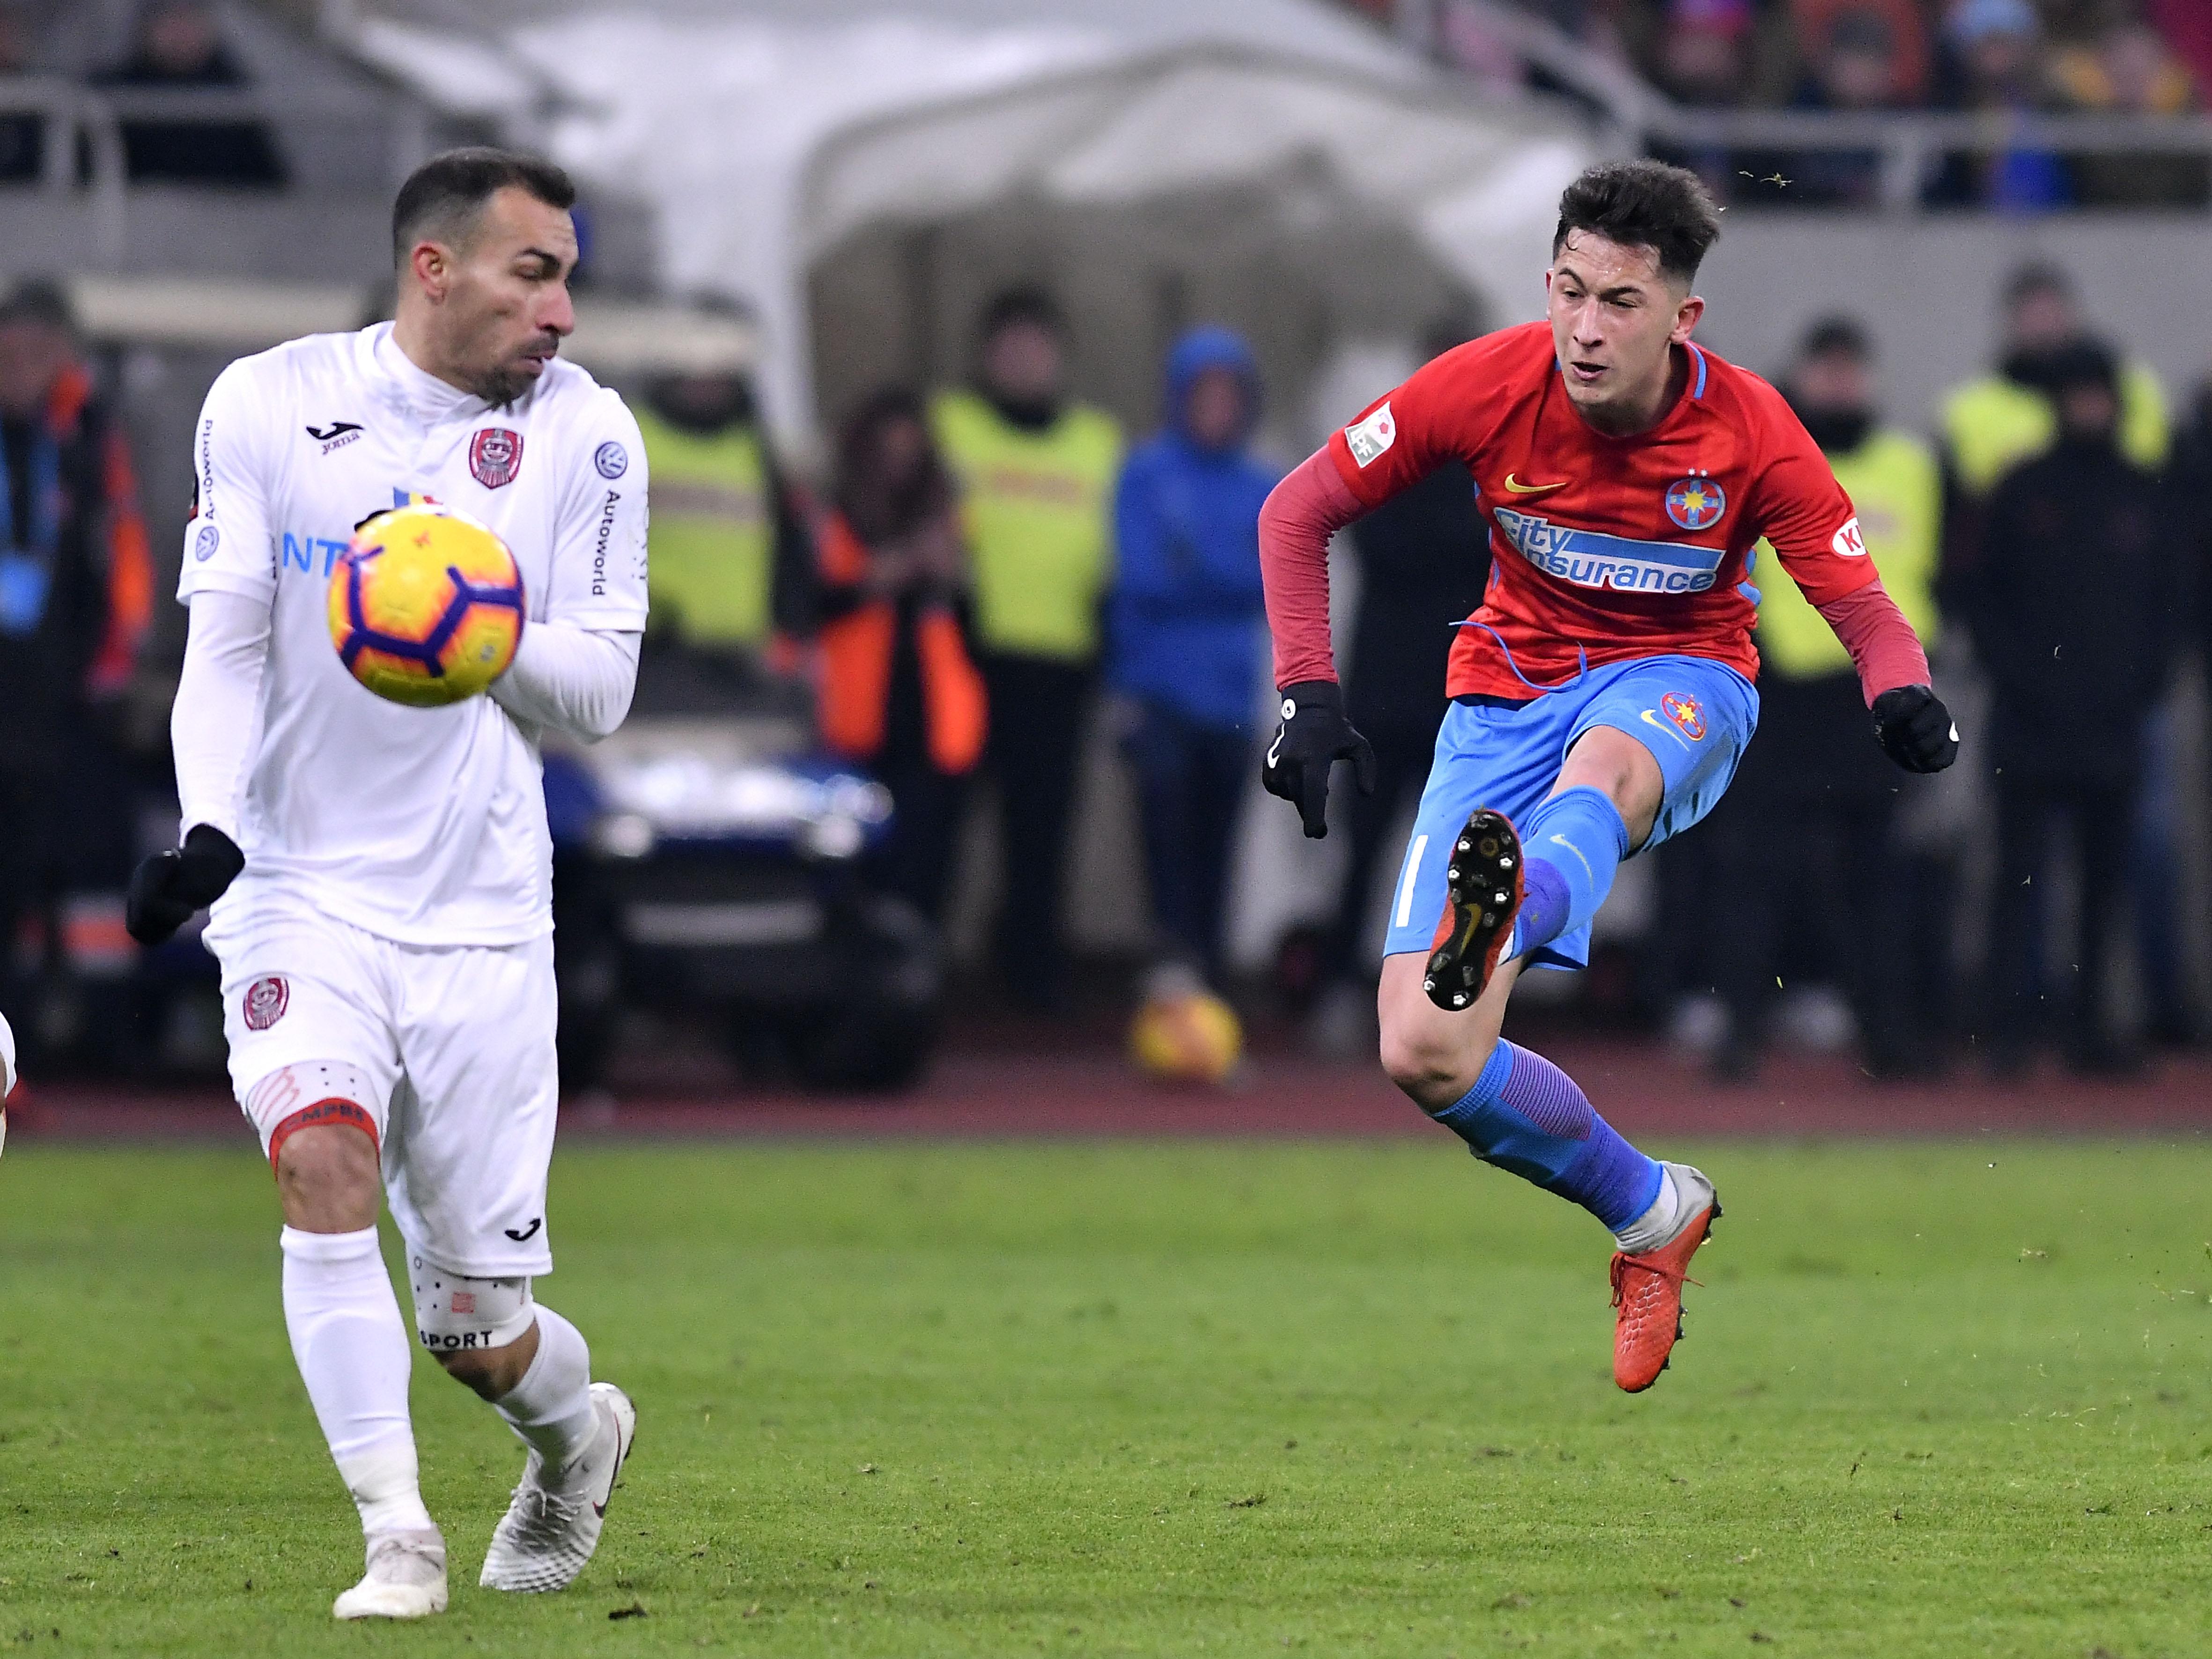 Interviu premium cu Valeriu Iftime, acest Ion Creangă al fotbalului românesc Gigi Becali a desfiinţat brandul Steaua!